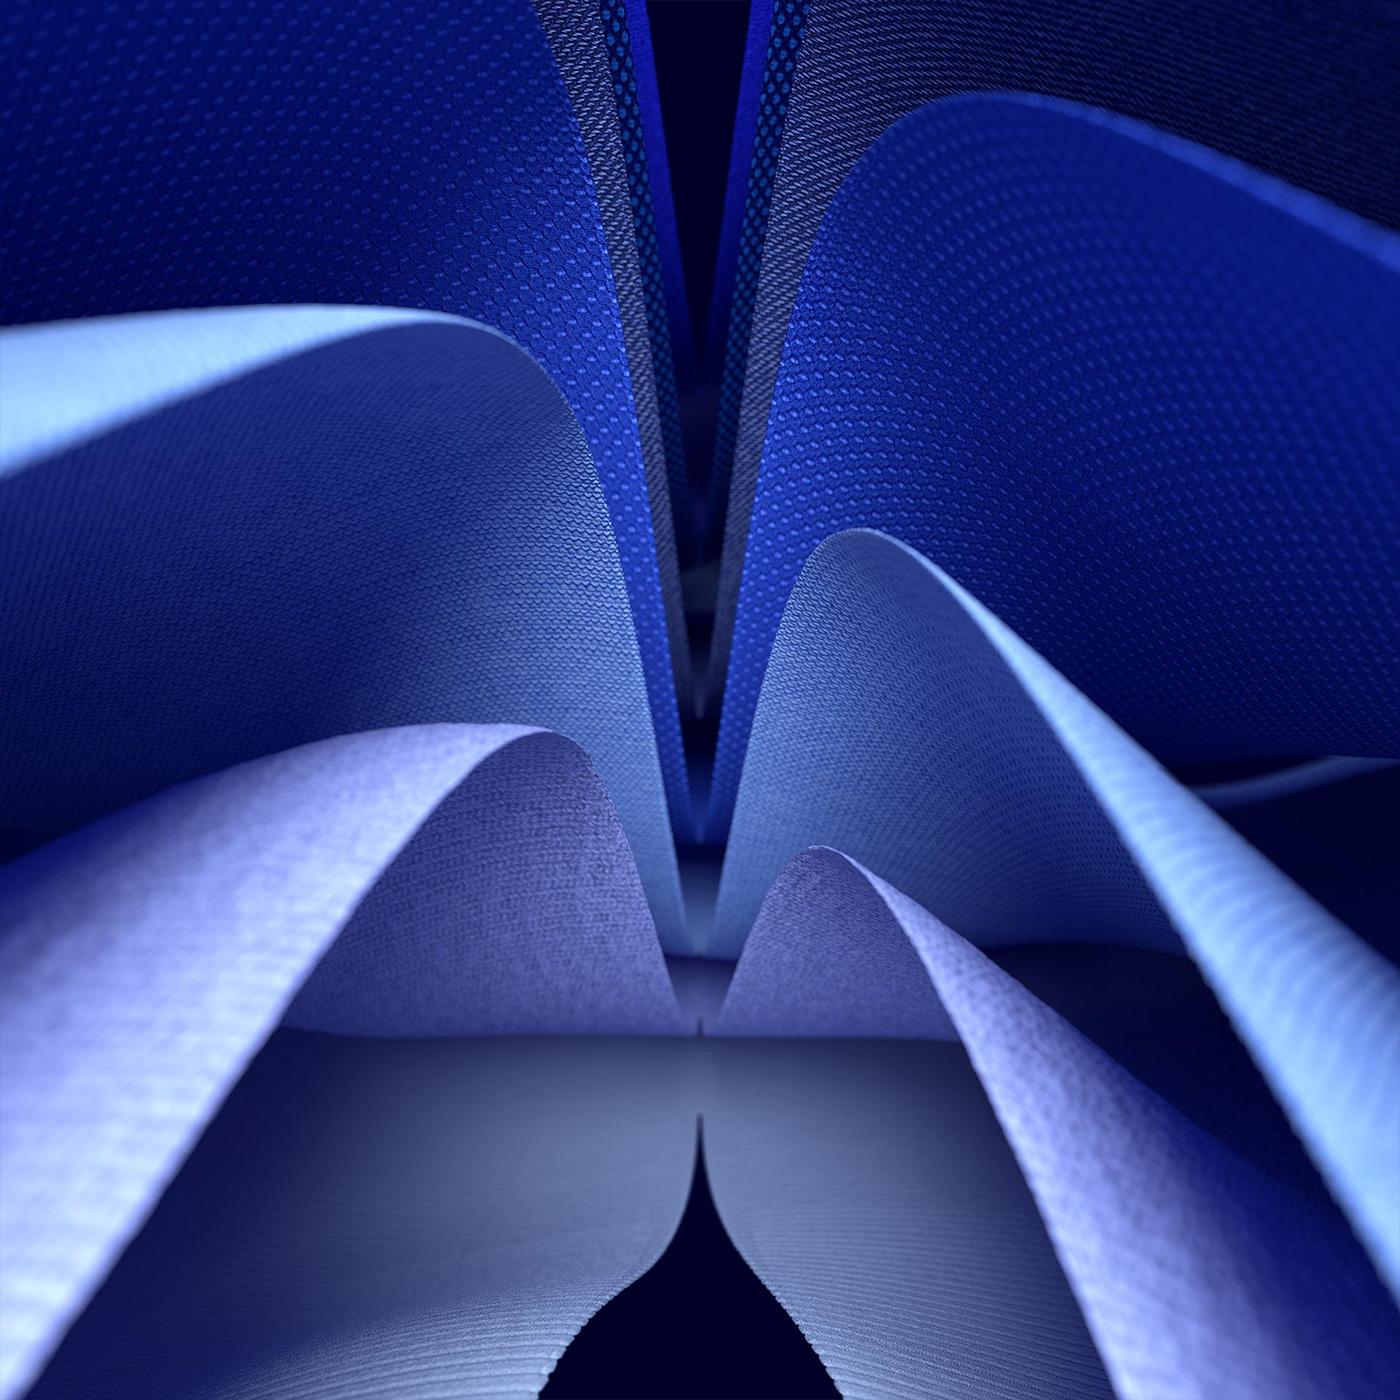 Image may contain: abstract, art and screenshot